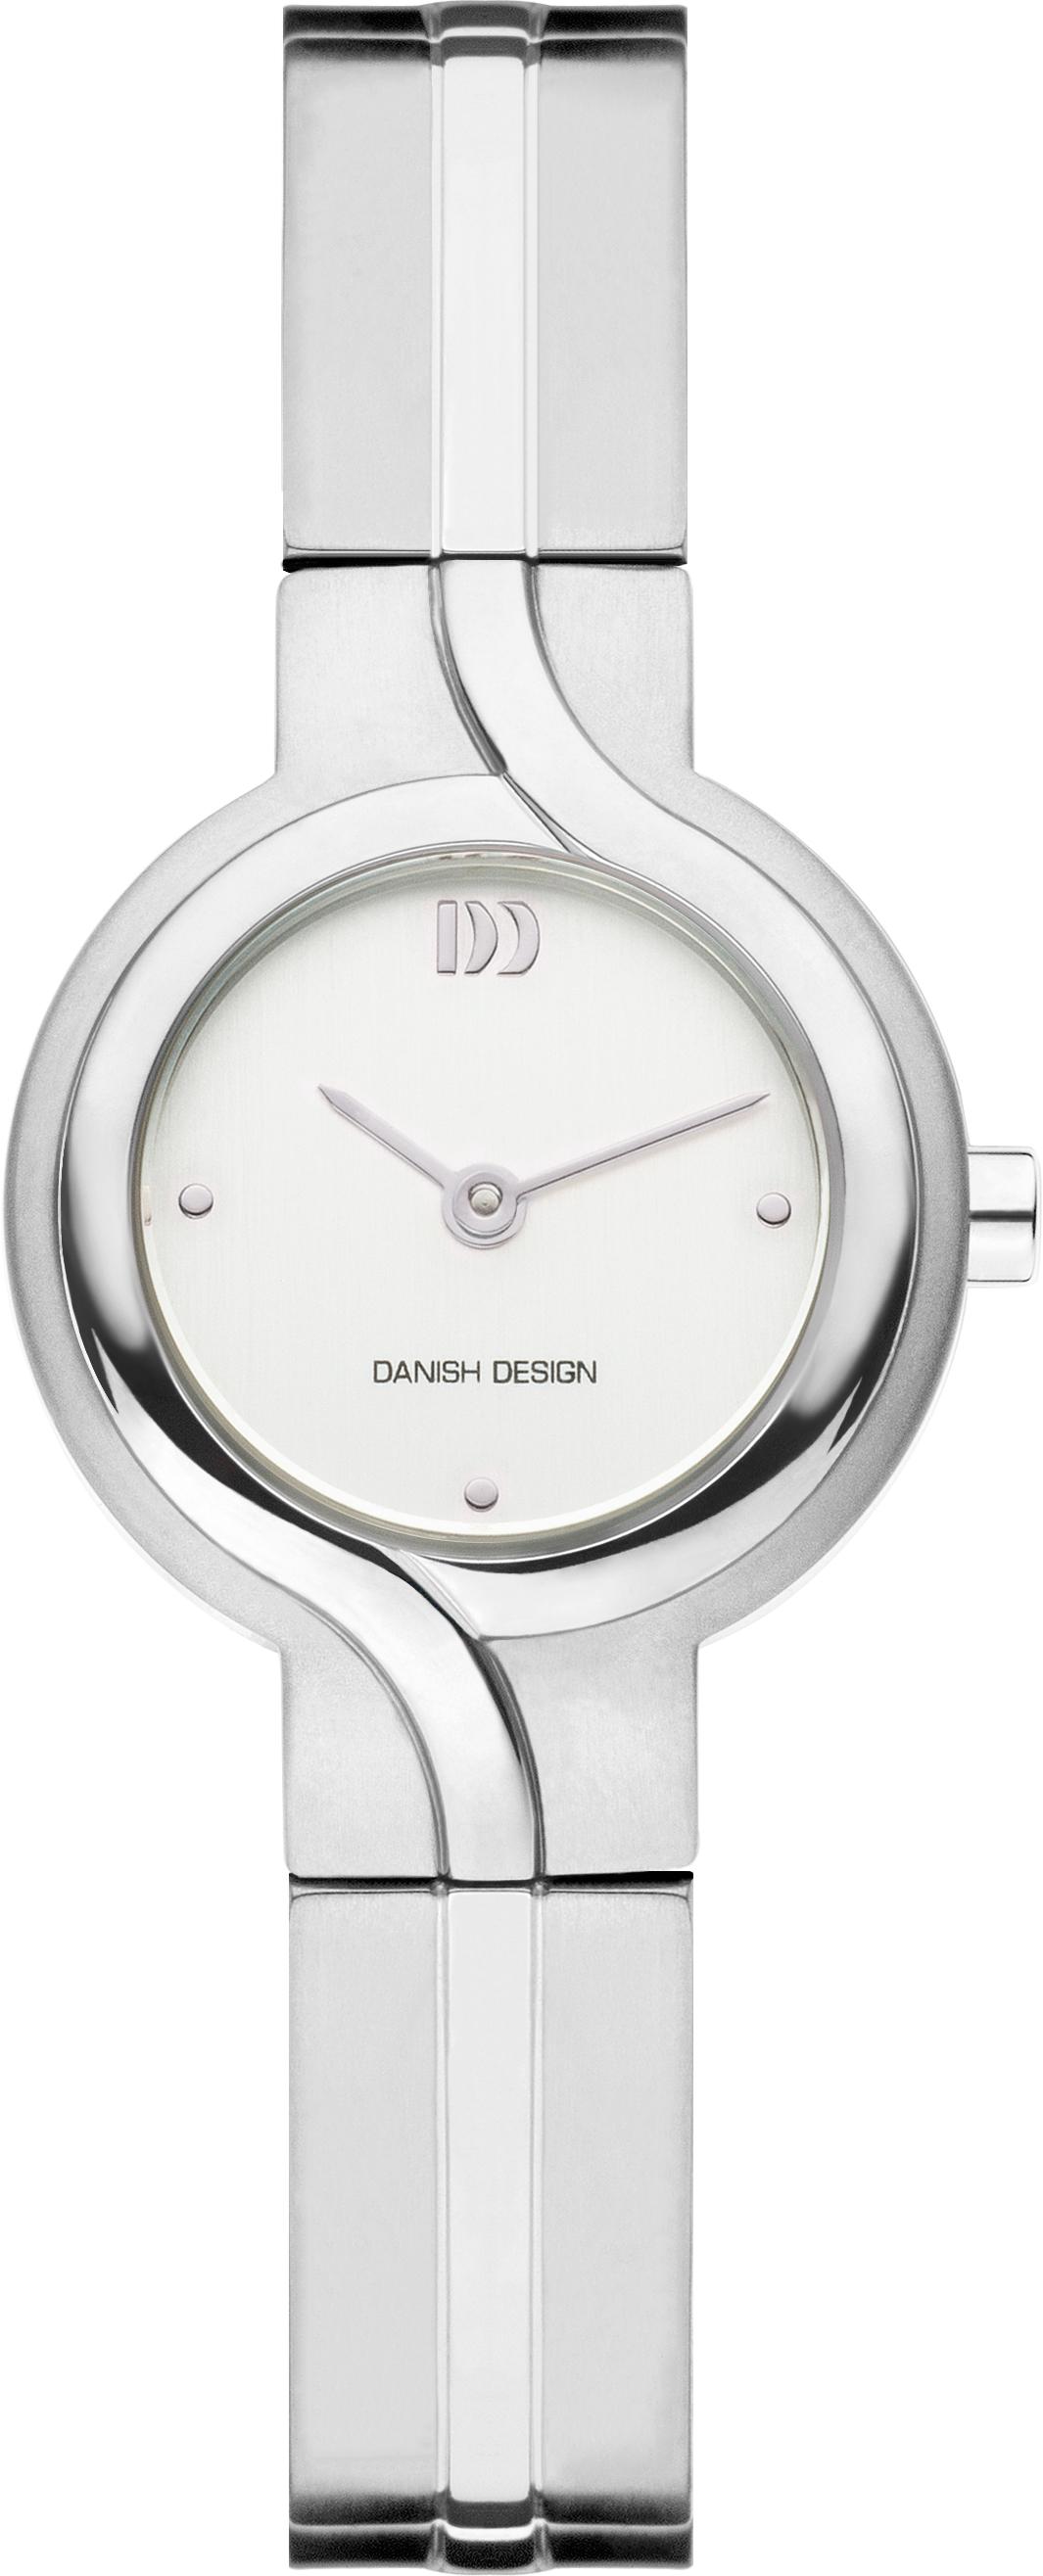 Danish Design Horloge 24 mm Titanium IV62Q1171